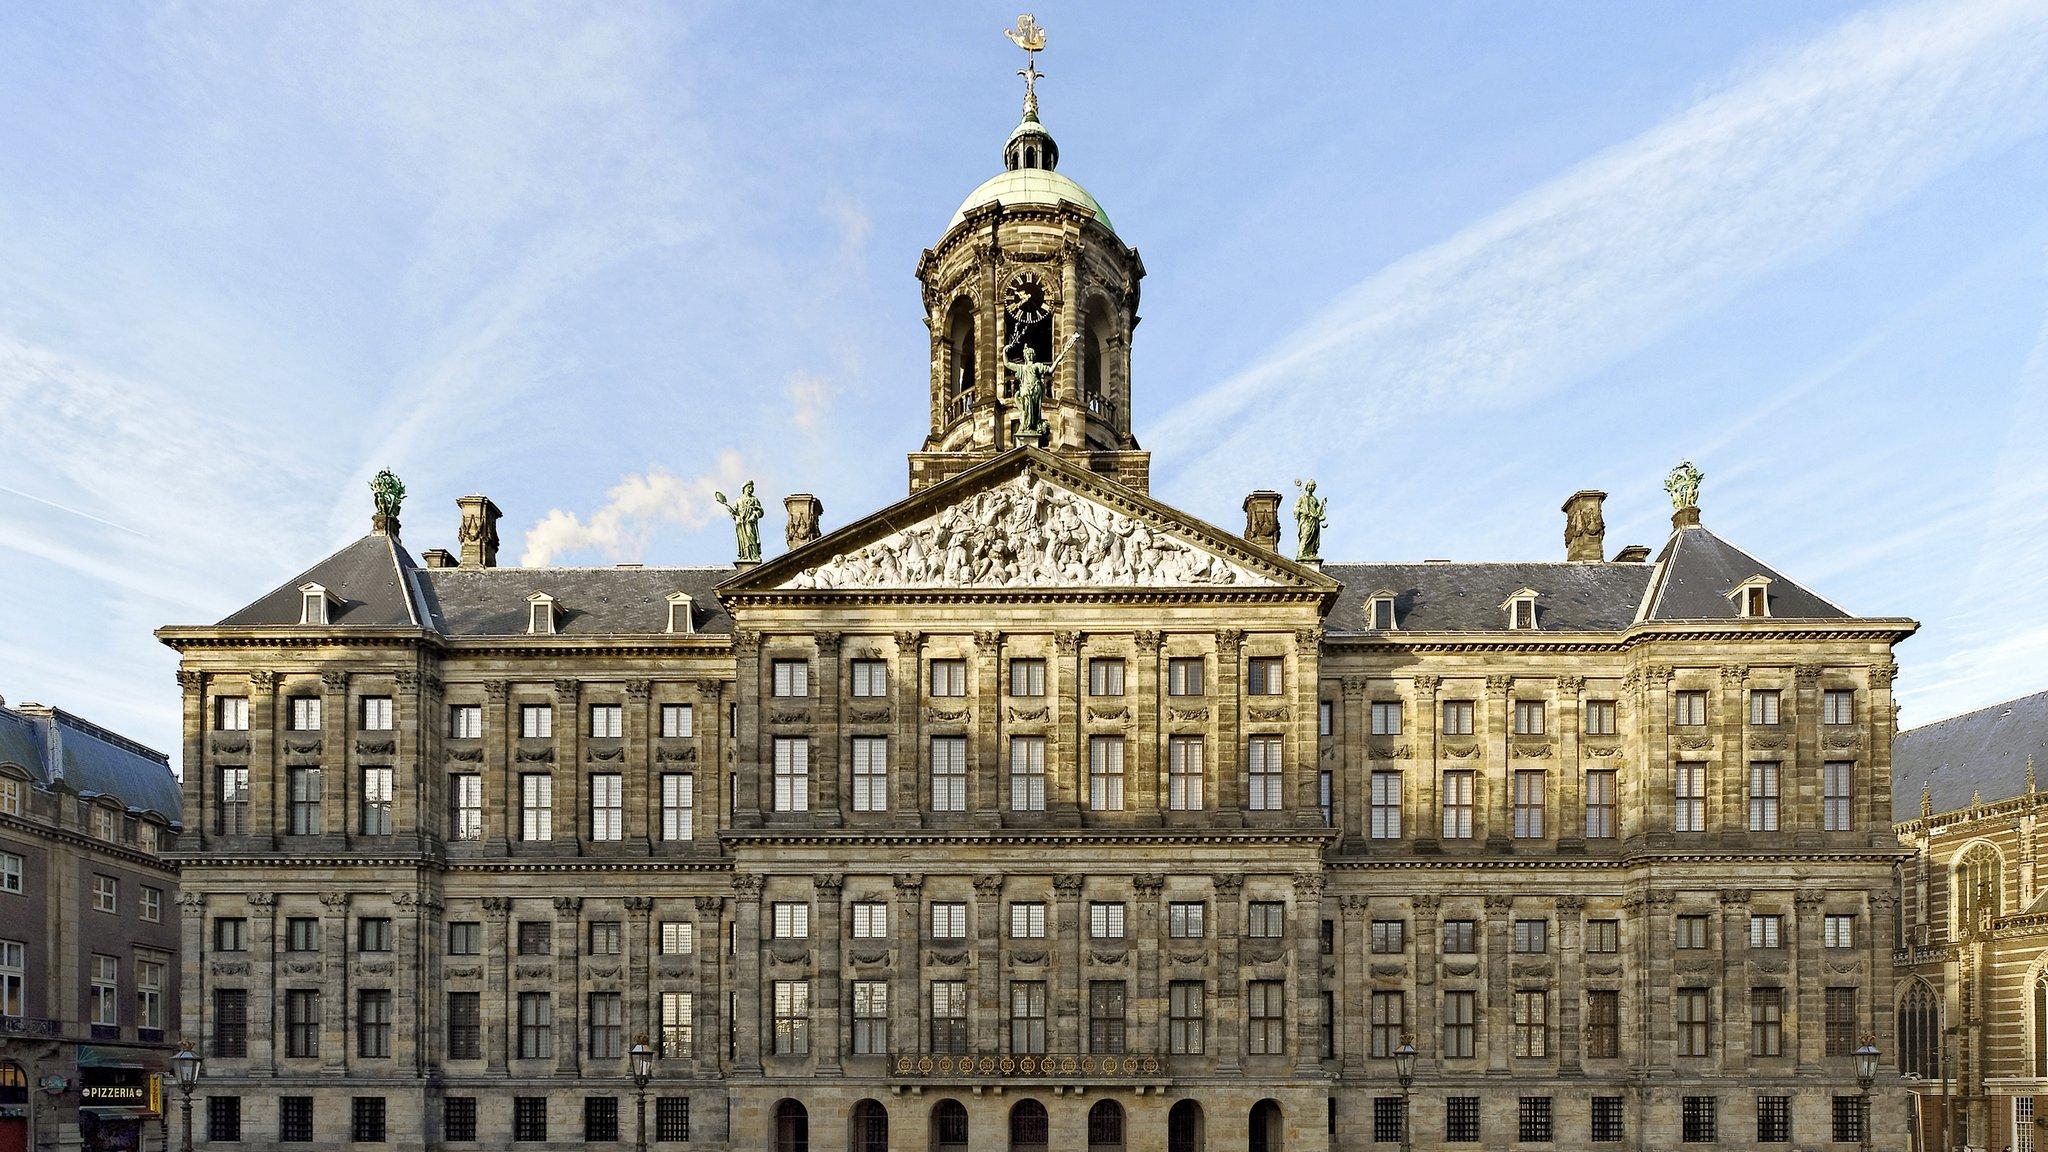 Een nieuw stadhuis voor Amsterdam - Paleis Amsterdam